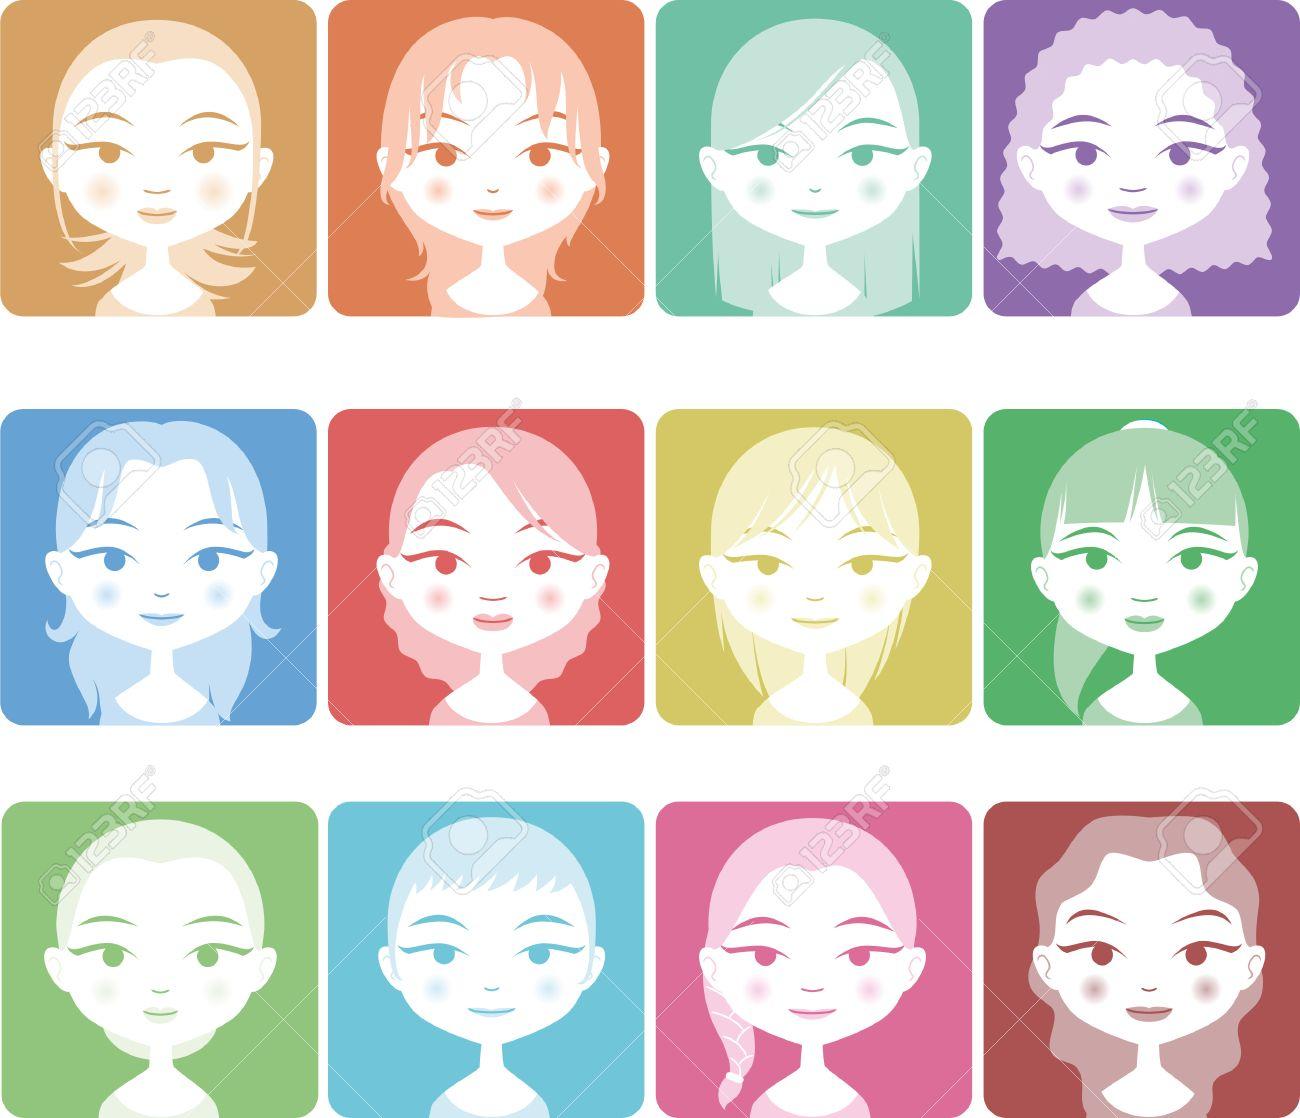 Kopf Und Schulter Avatar Mädchen Menschen Set In Farbe Mit Zwölf